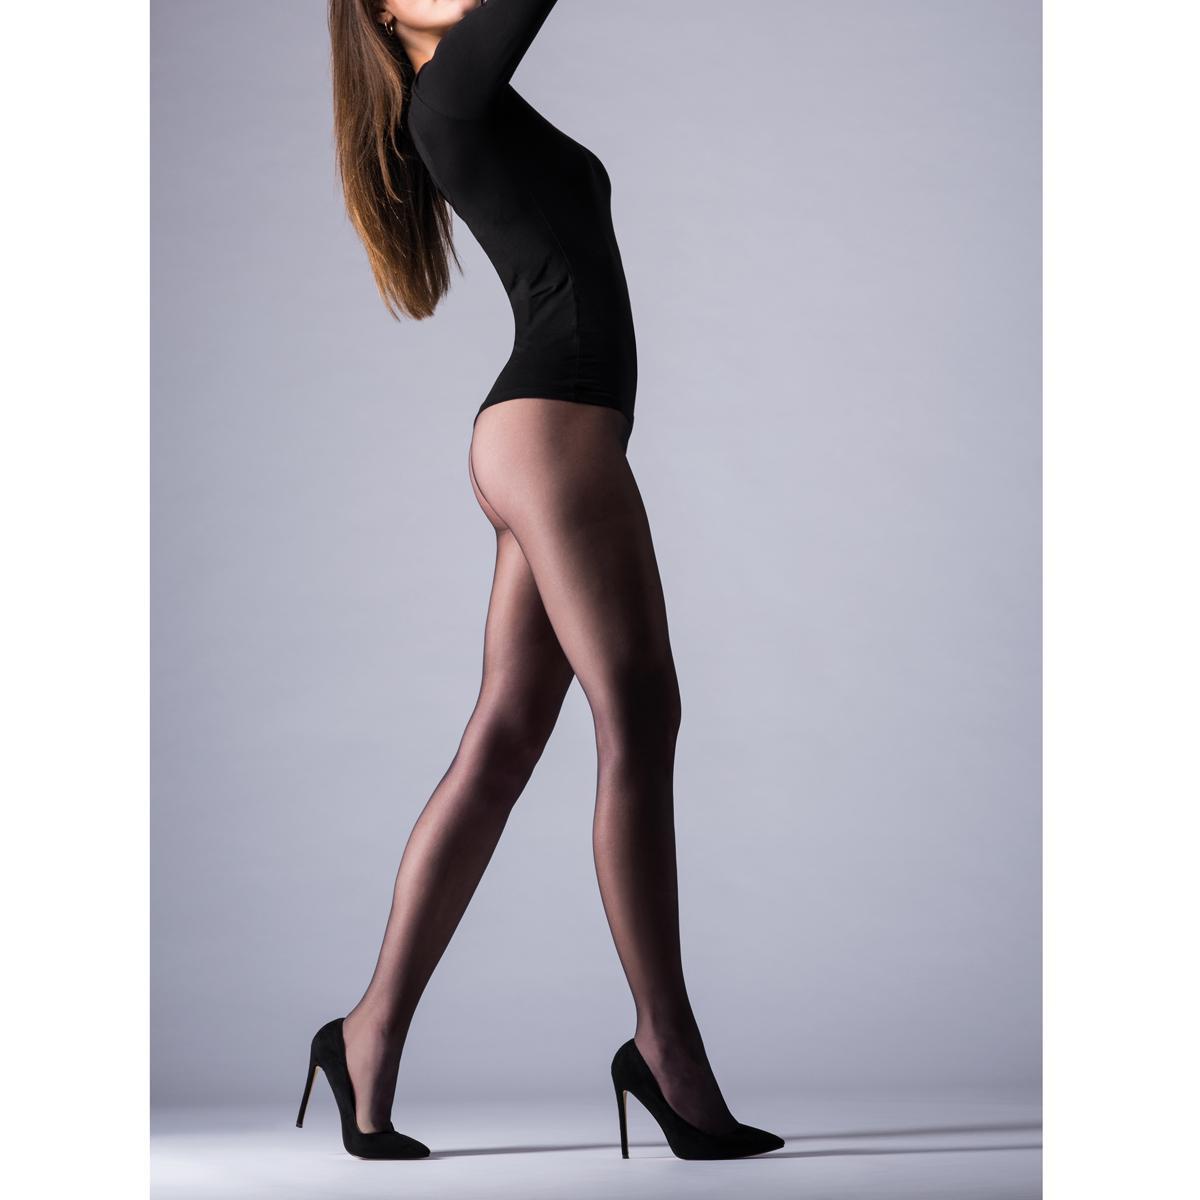 Collant résistant 10D noir - Aristoc - Modalova